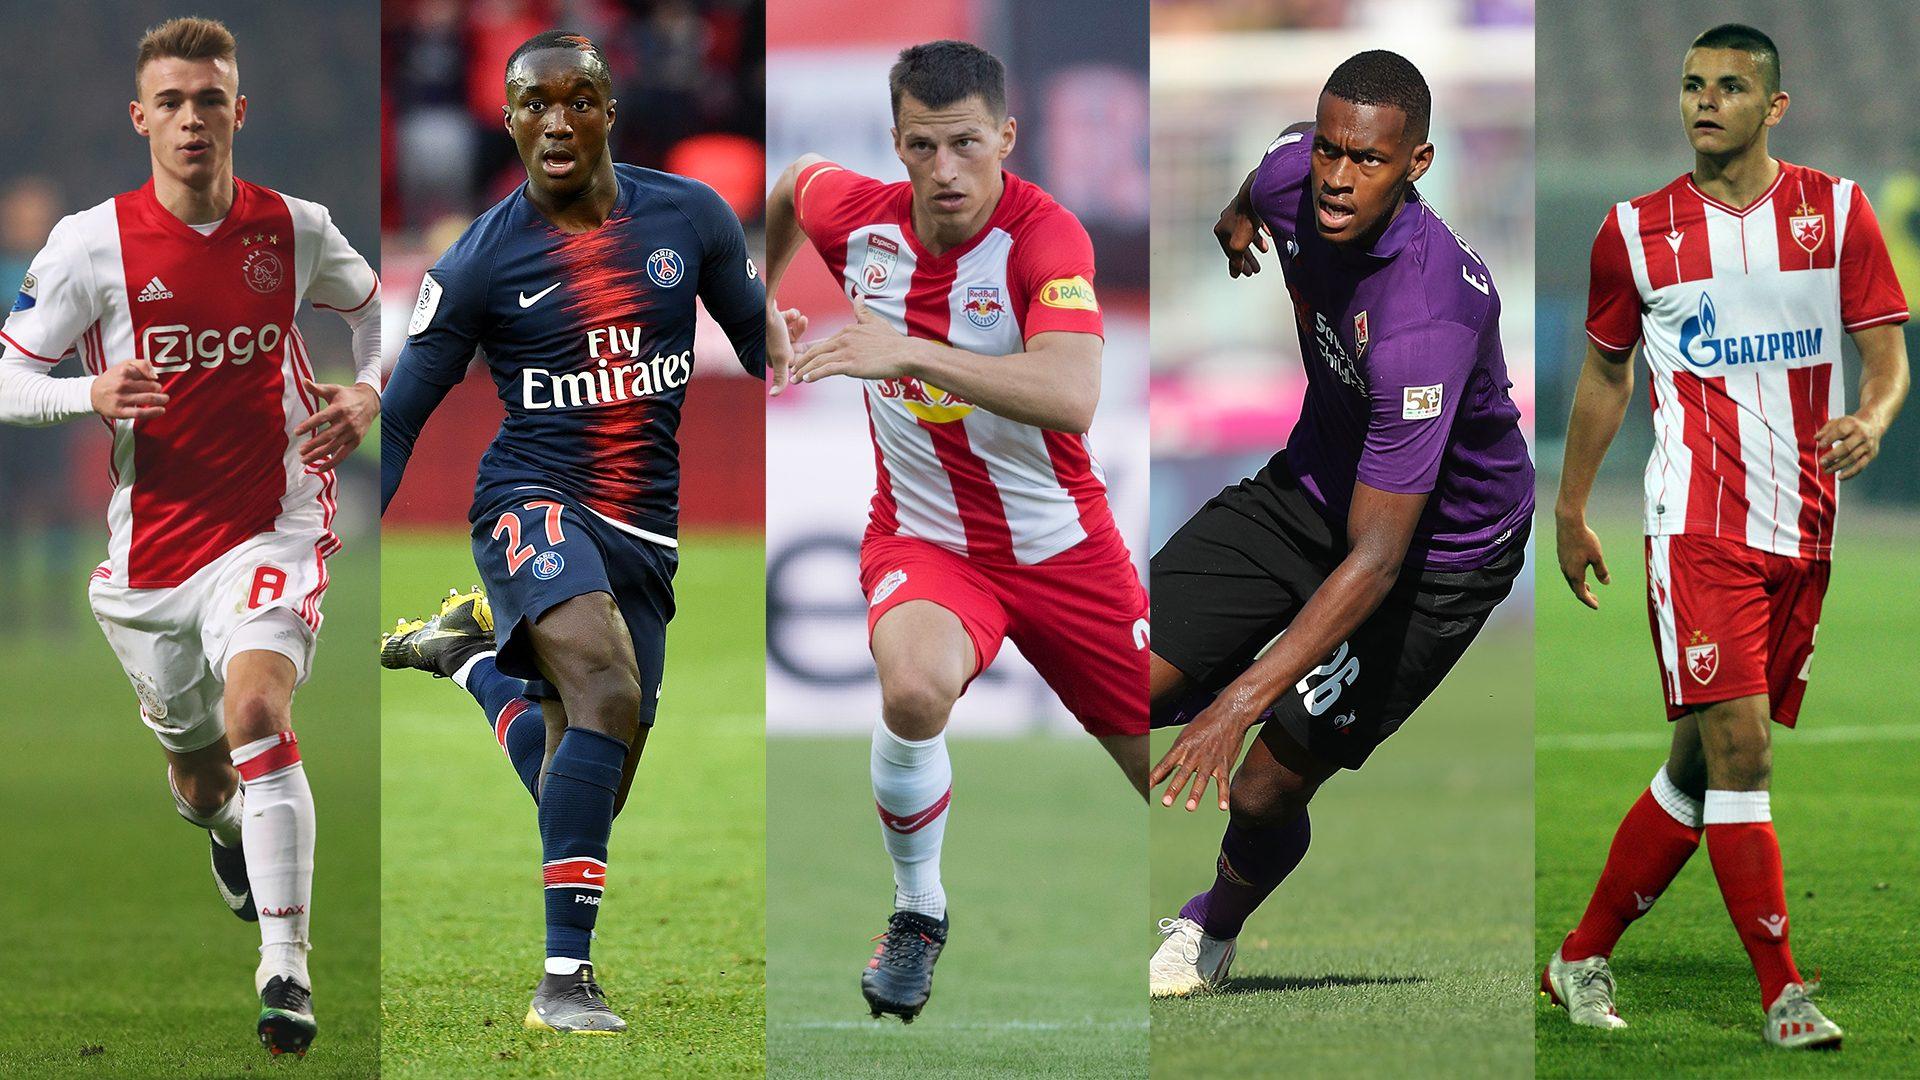 Sinkgraven, Diaby und Co.: Neue Gesichter der Bundesliga